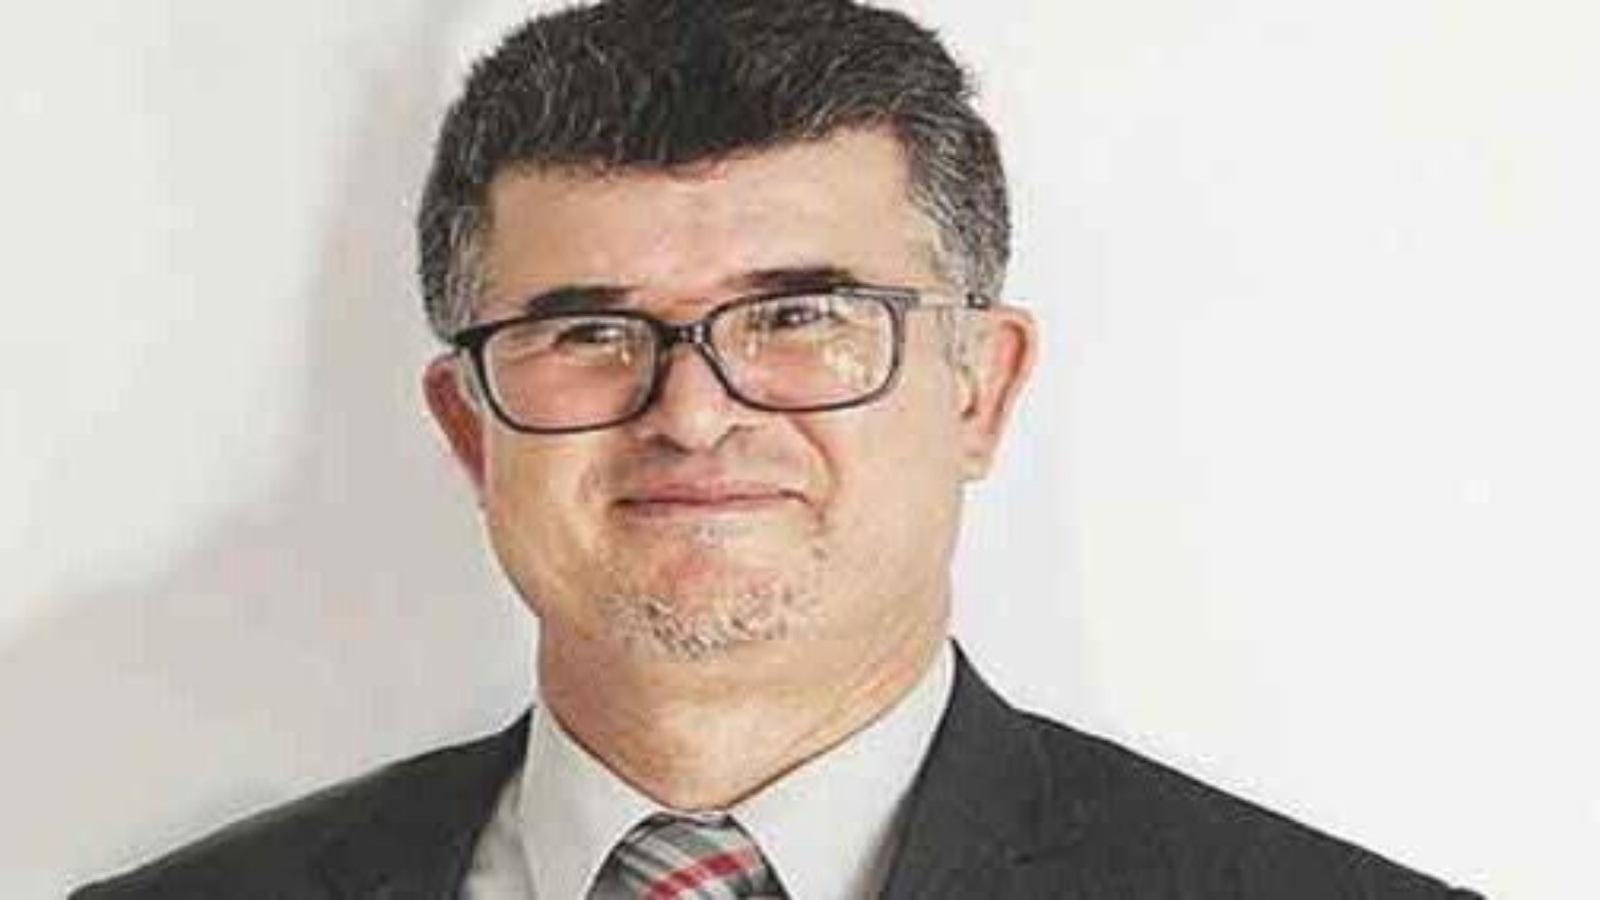 السعودية نيوز |  الباحث المغربي محمد مشبال يفوز بجائزة الملك فيصل للغة العربية والأدب